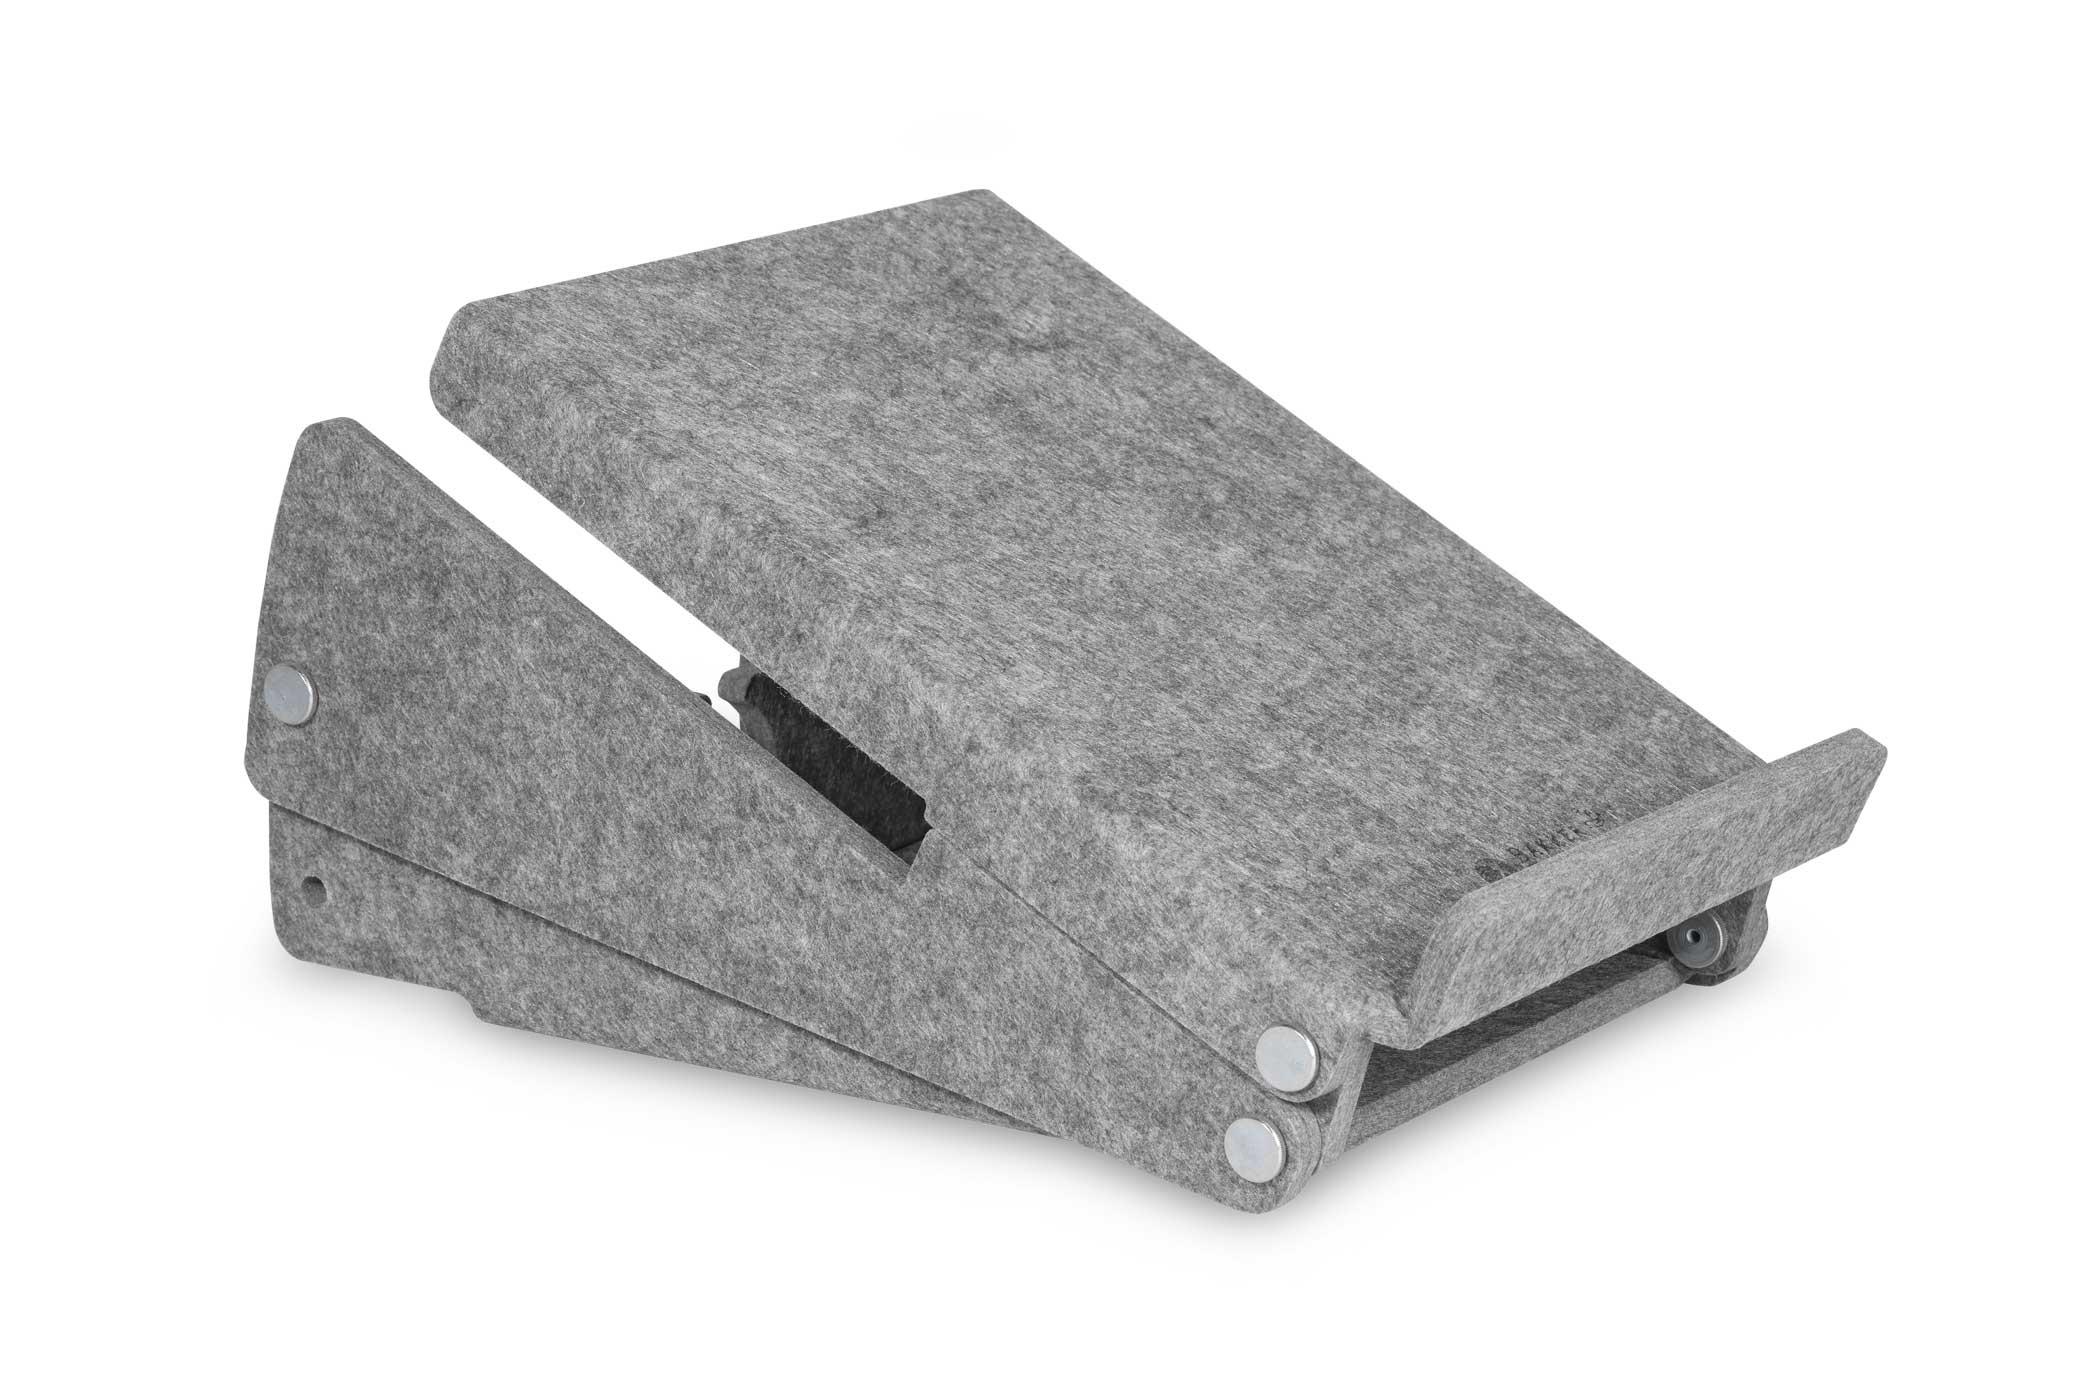 Bakker Ergo-Top 320 Circular - Notebook-Ständer - Grau - 35,6 cm (14 Zoll) - 38,1 cm (15 Zoll) - 140 - 180 mm - 215 mm